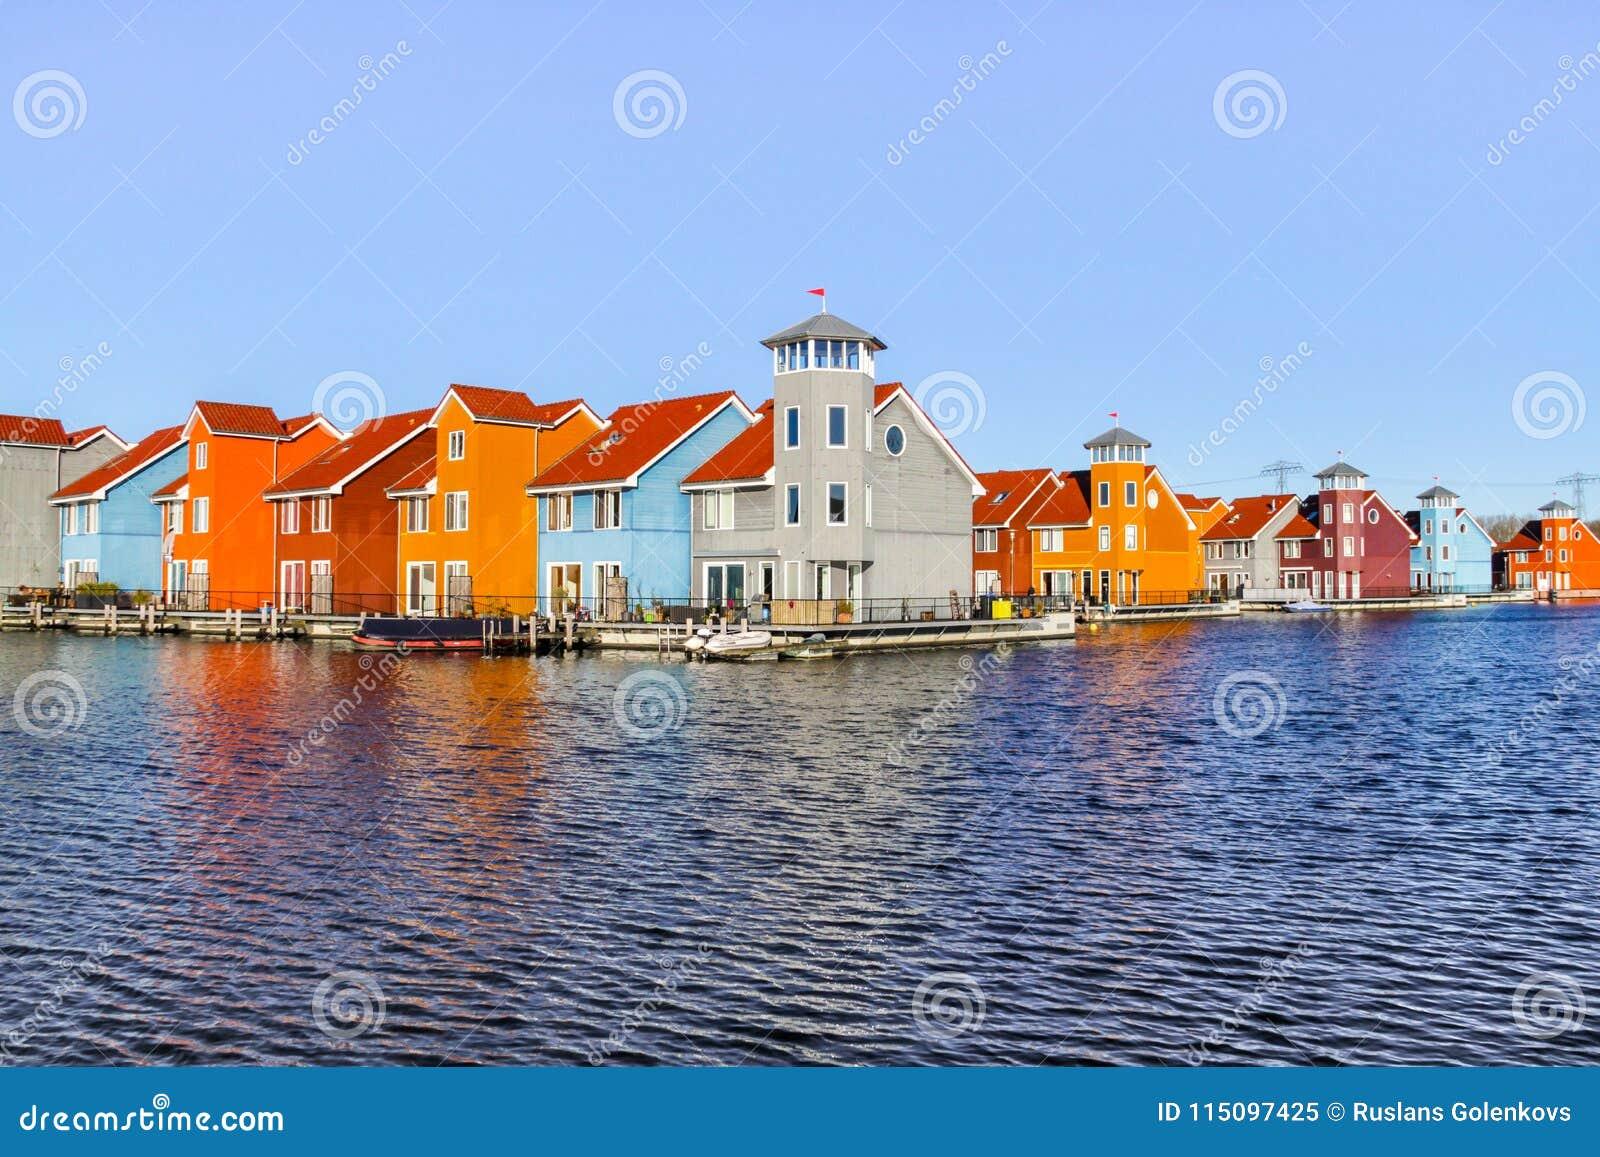 Groningen Netherlands February 2018 Colourfull Houses Editorial